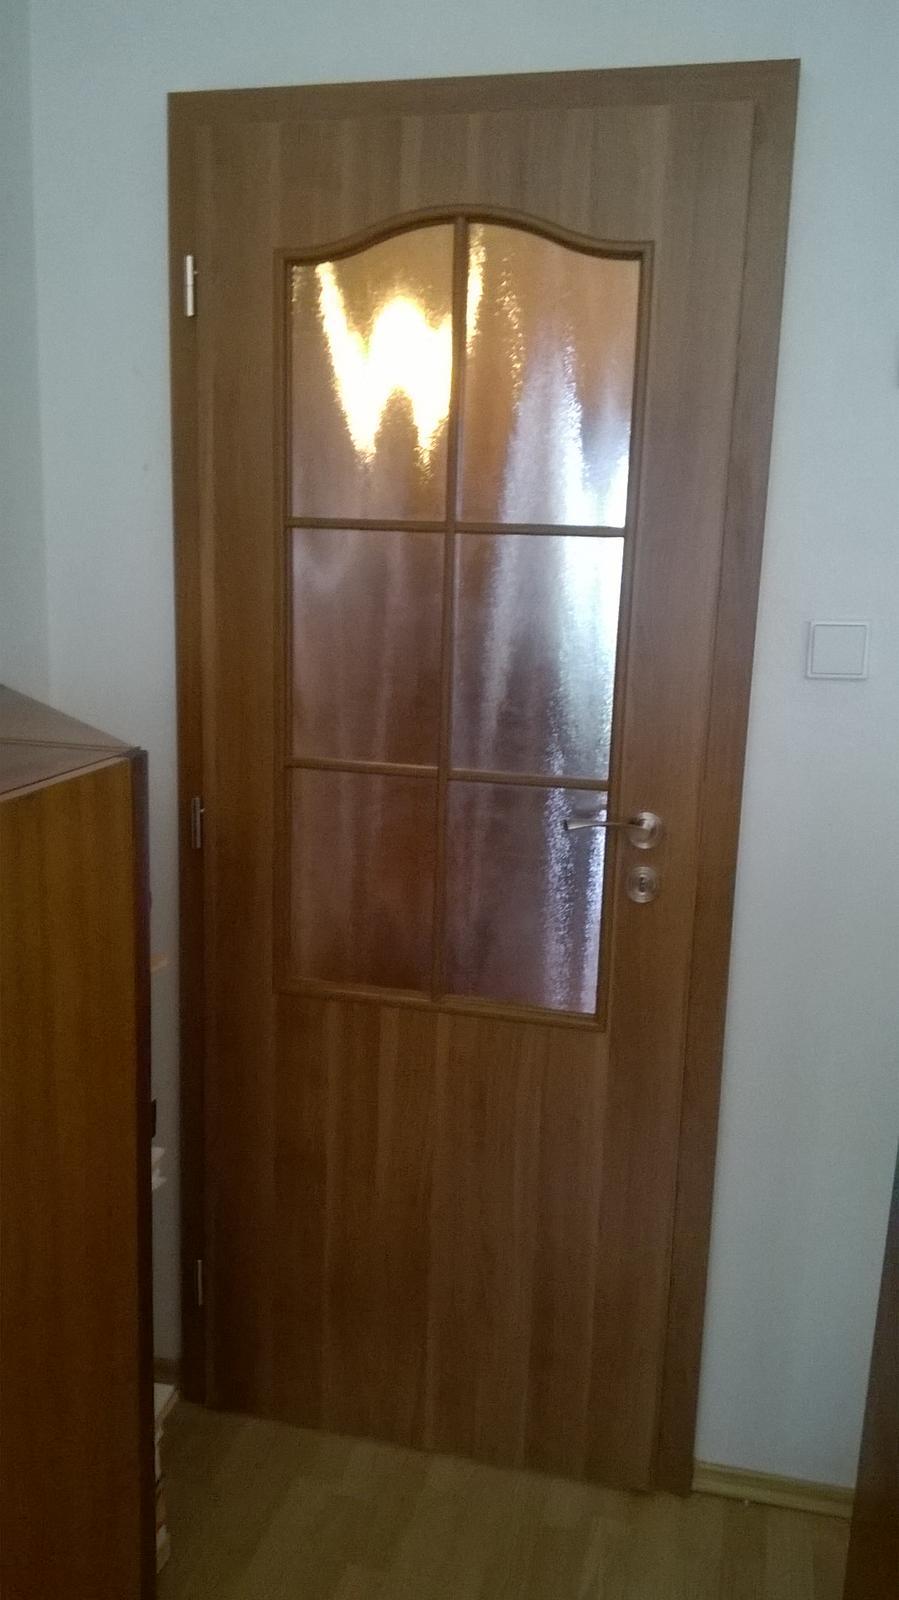 2v1 - Montáž interiérových dverí Porta Decor a obloženie kovovej zárubne